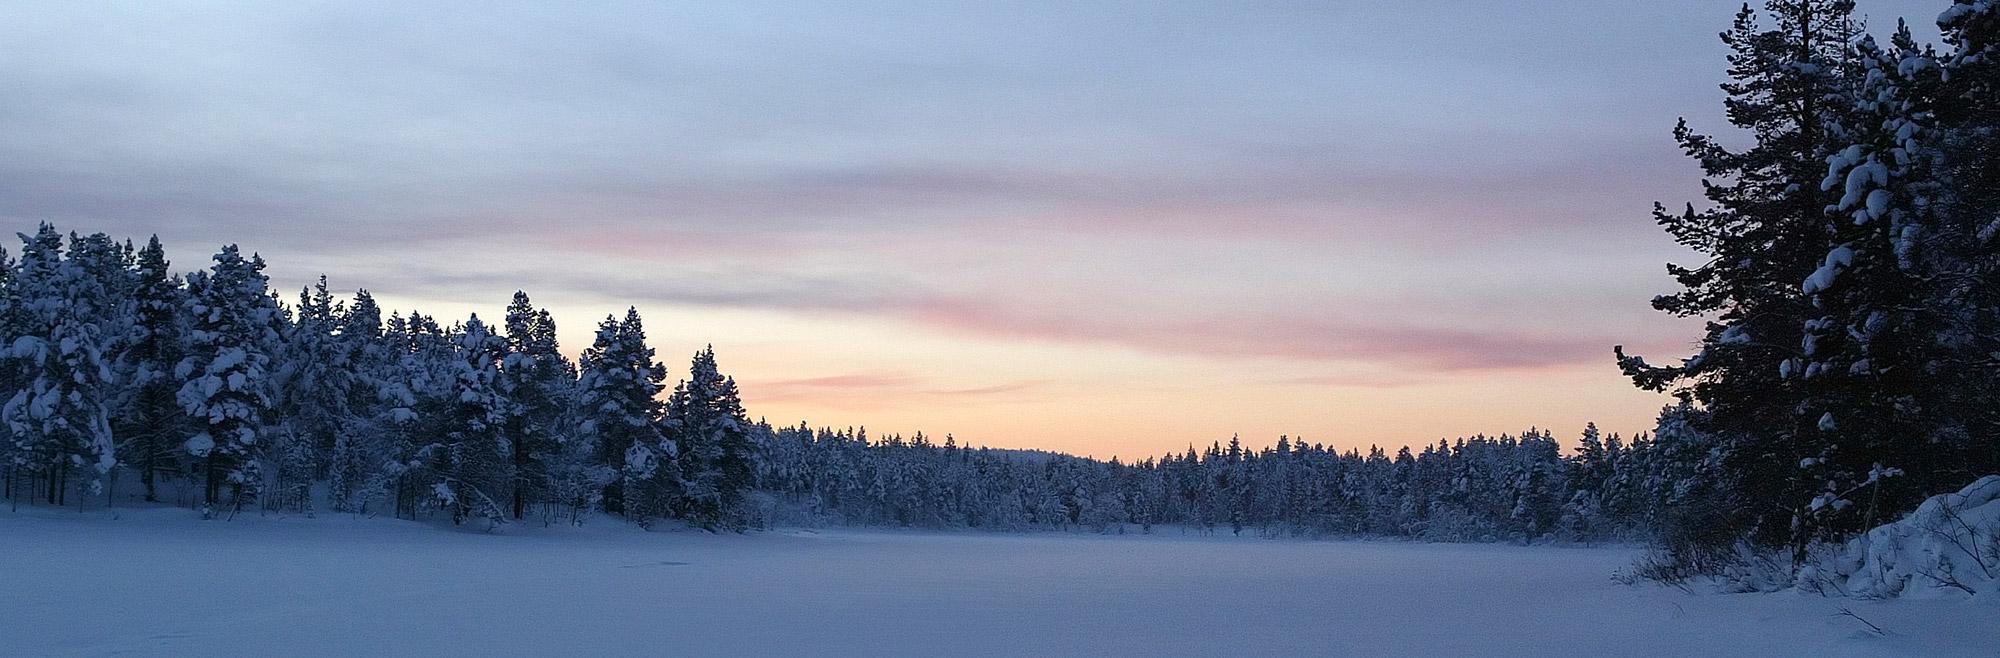 Karttaselaimeen tuki Oma riista -alueille yhteistyössä Suomen riistakeskuksen kanssa